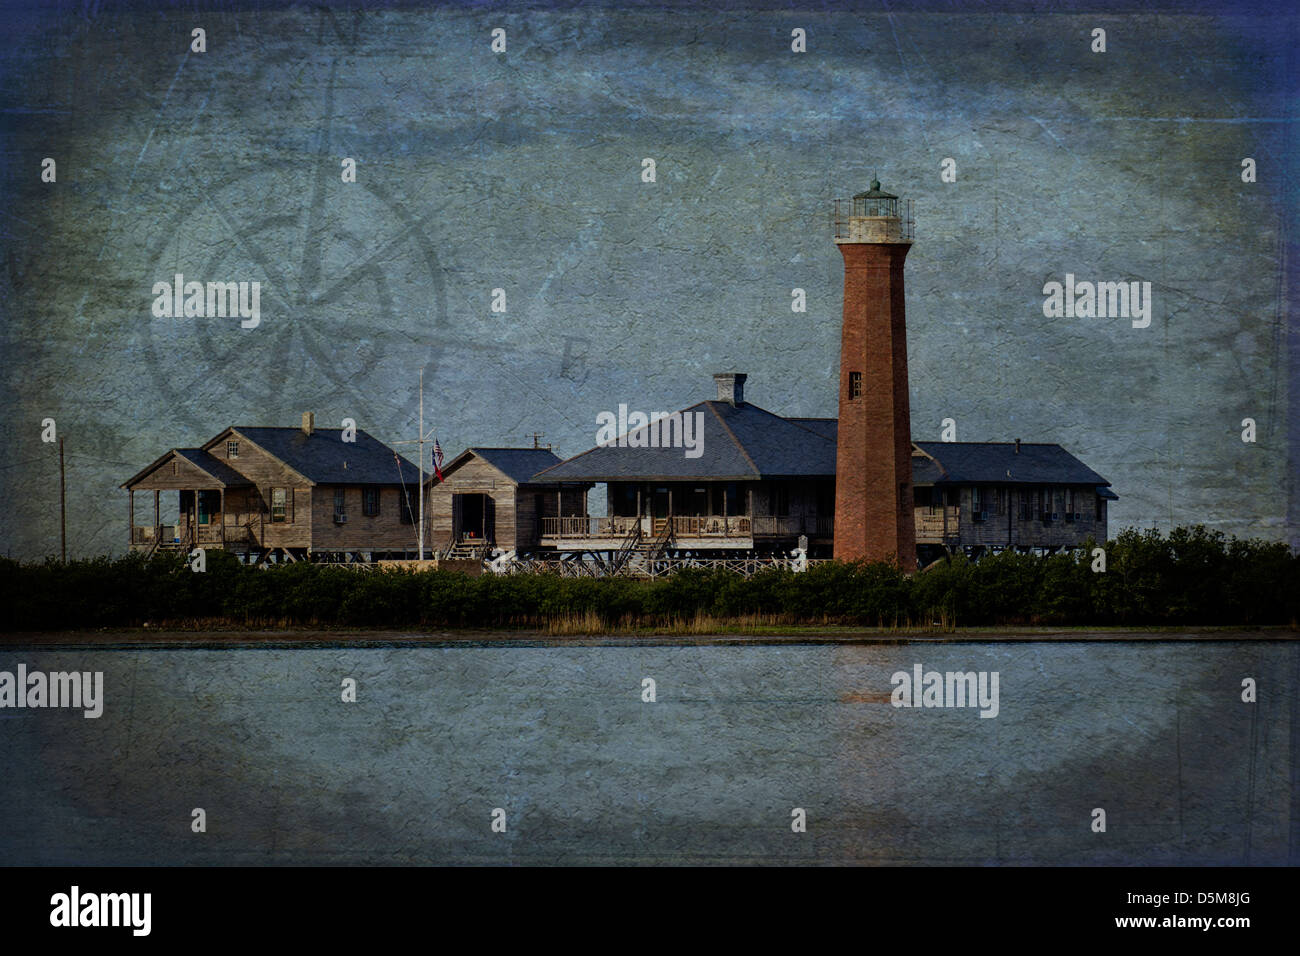 Digitally enhanced photograph of the Lydia Ann lighthouse near Aransas Pass, Texas USA - Stock Image